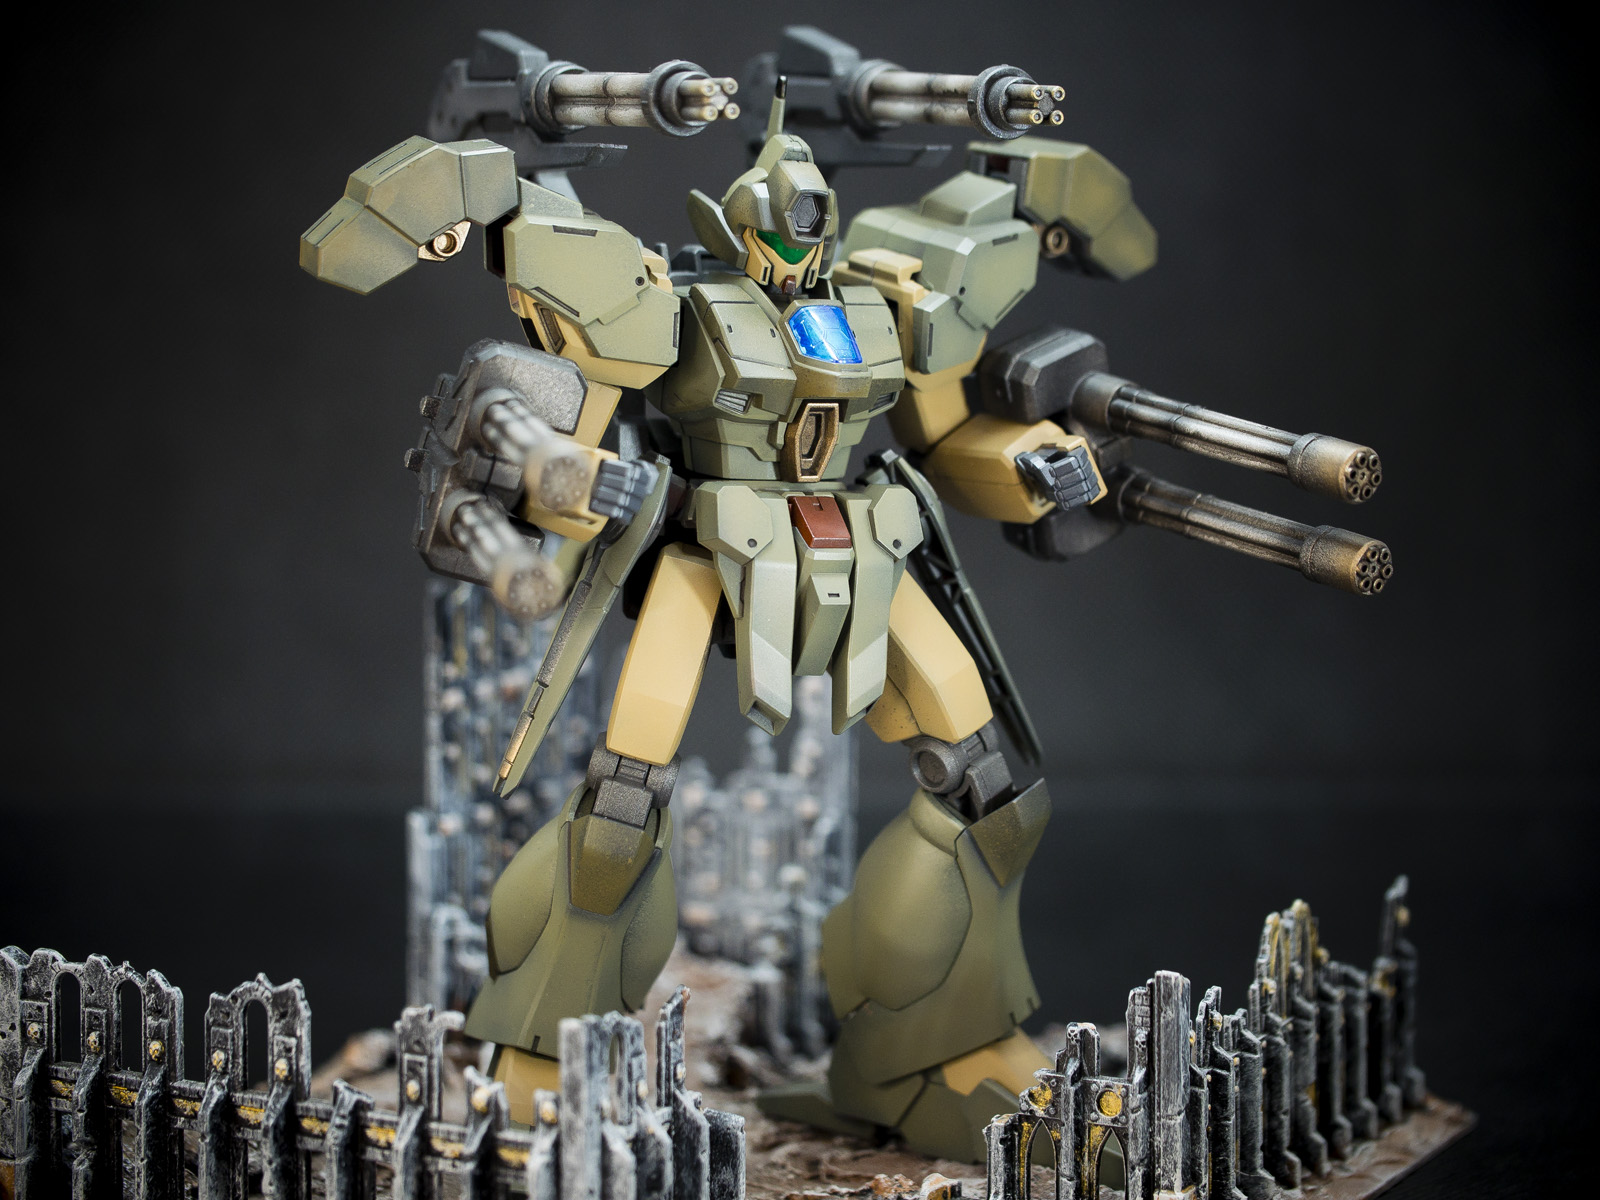 Bandai 1/144 HG Jegan Blast Master (Yukki's Mobile Suit)